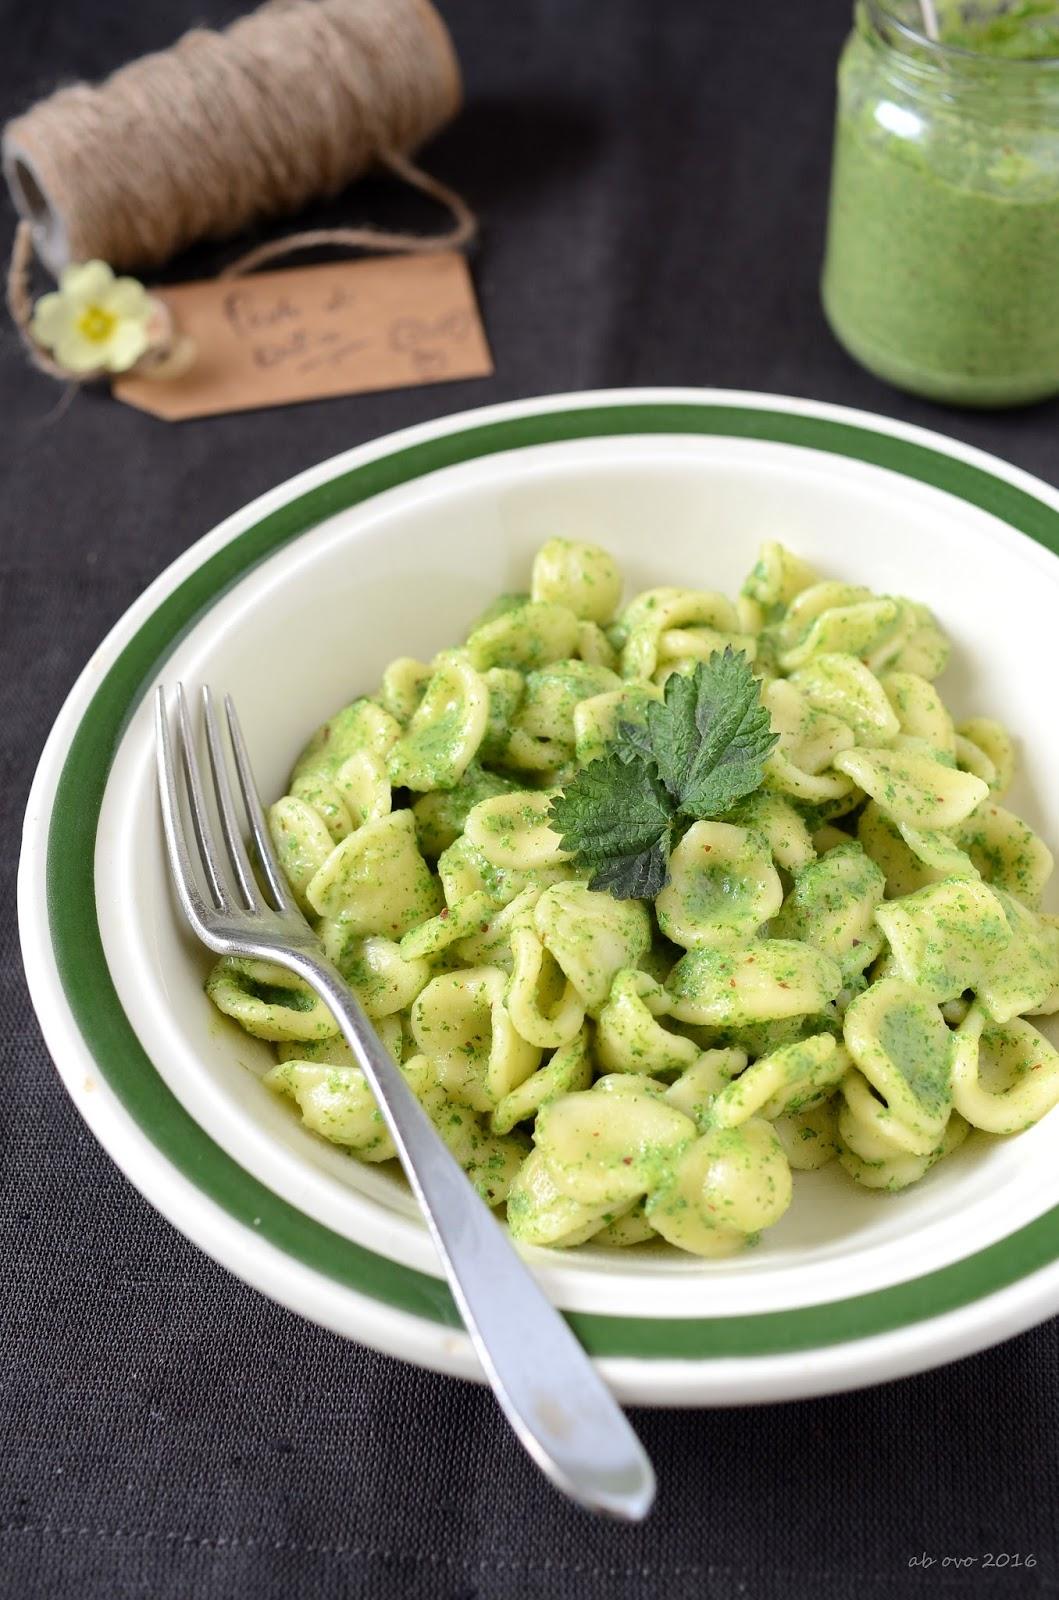 Ab ovo blog di ricette pesto di ortica for Cucinare ortica